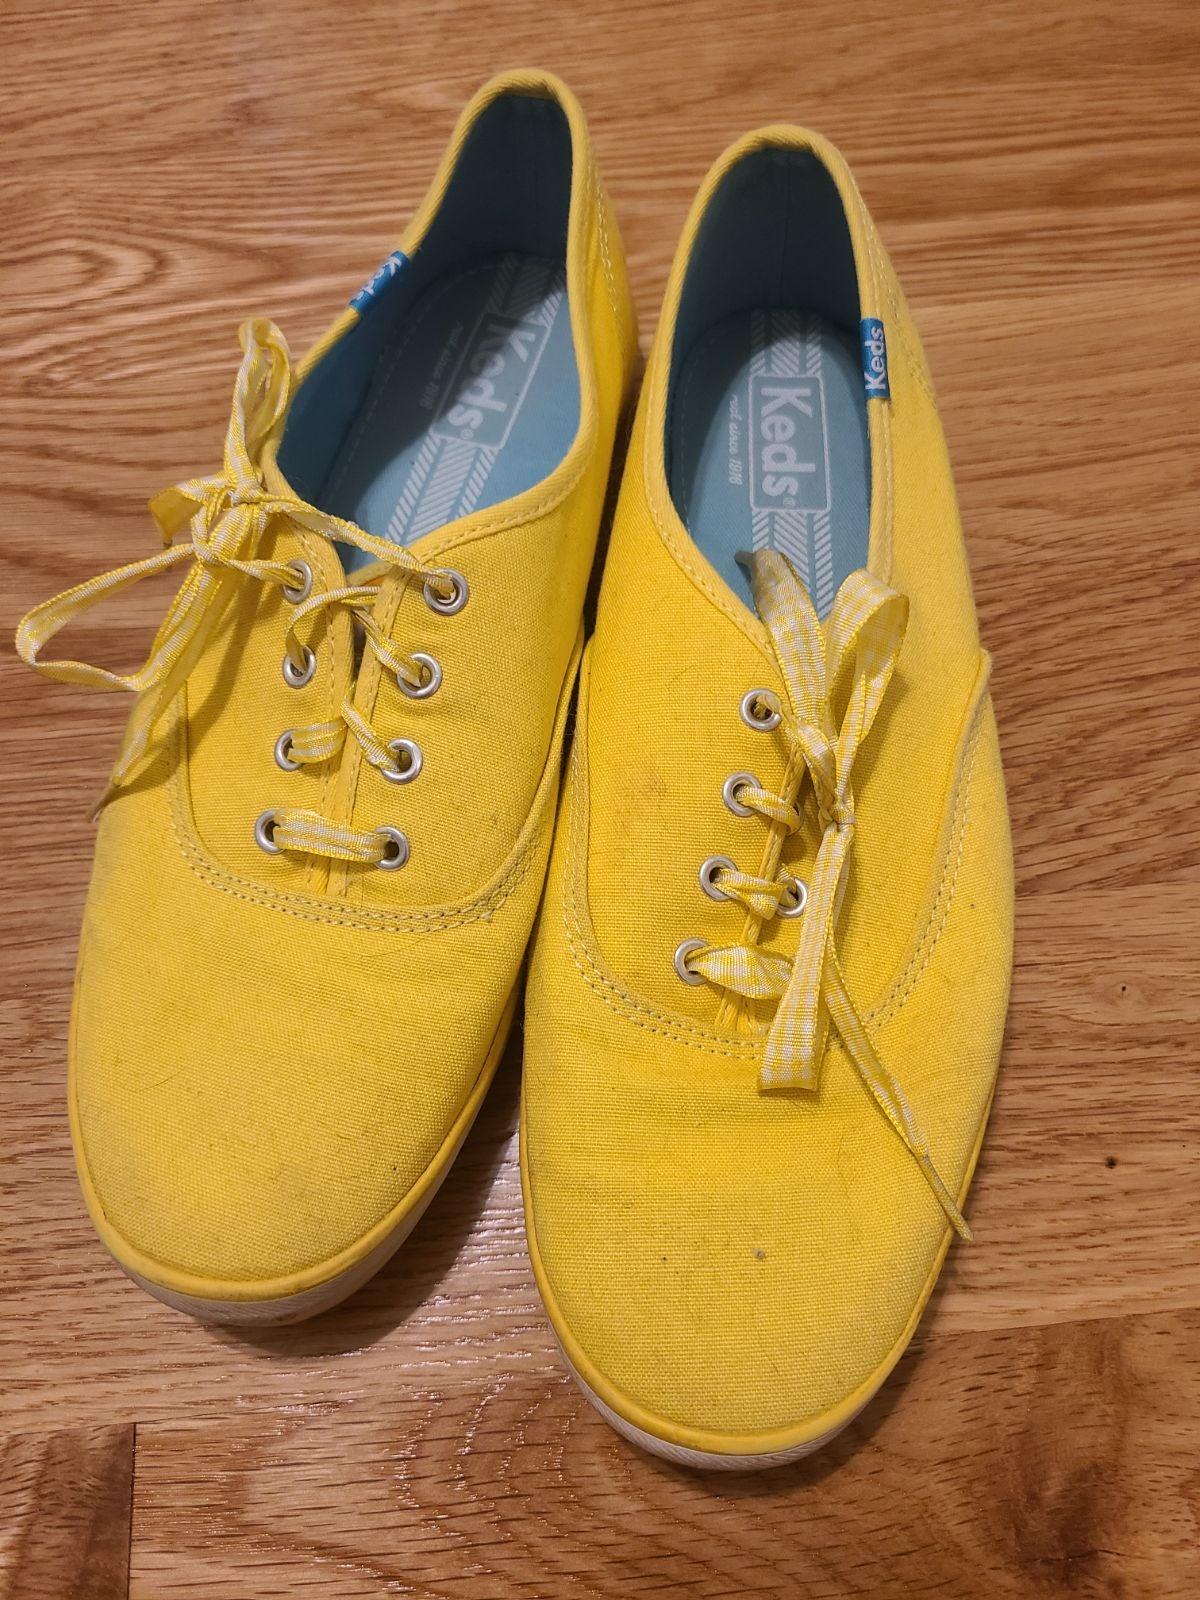 Yellow keds